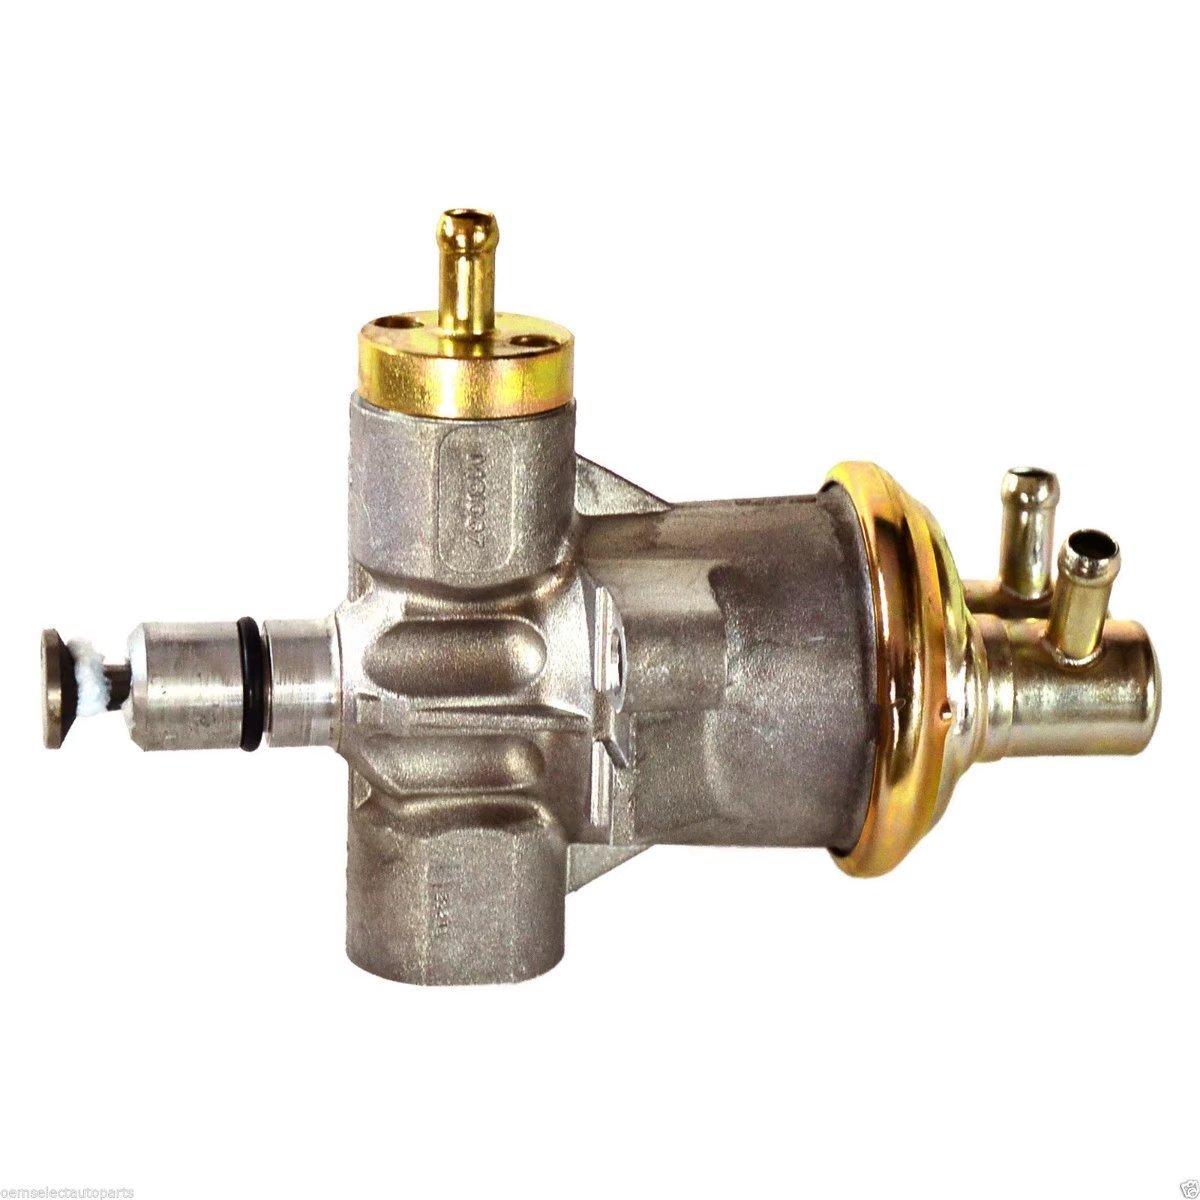 KingFurt 1994-1997 For Ford F-Series 7.3L Diesel Turbo Fuel Transfer Pump ASY Fuel F6TZ-9350-A